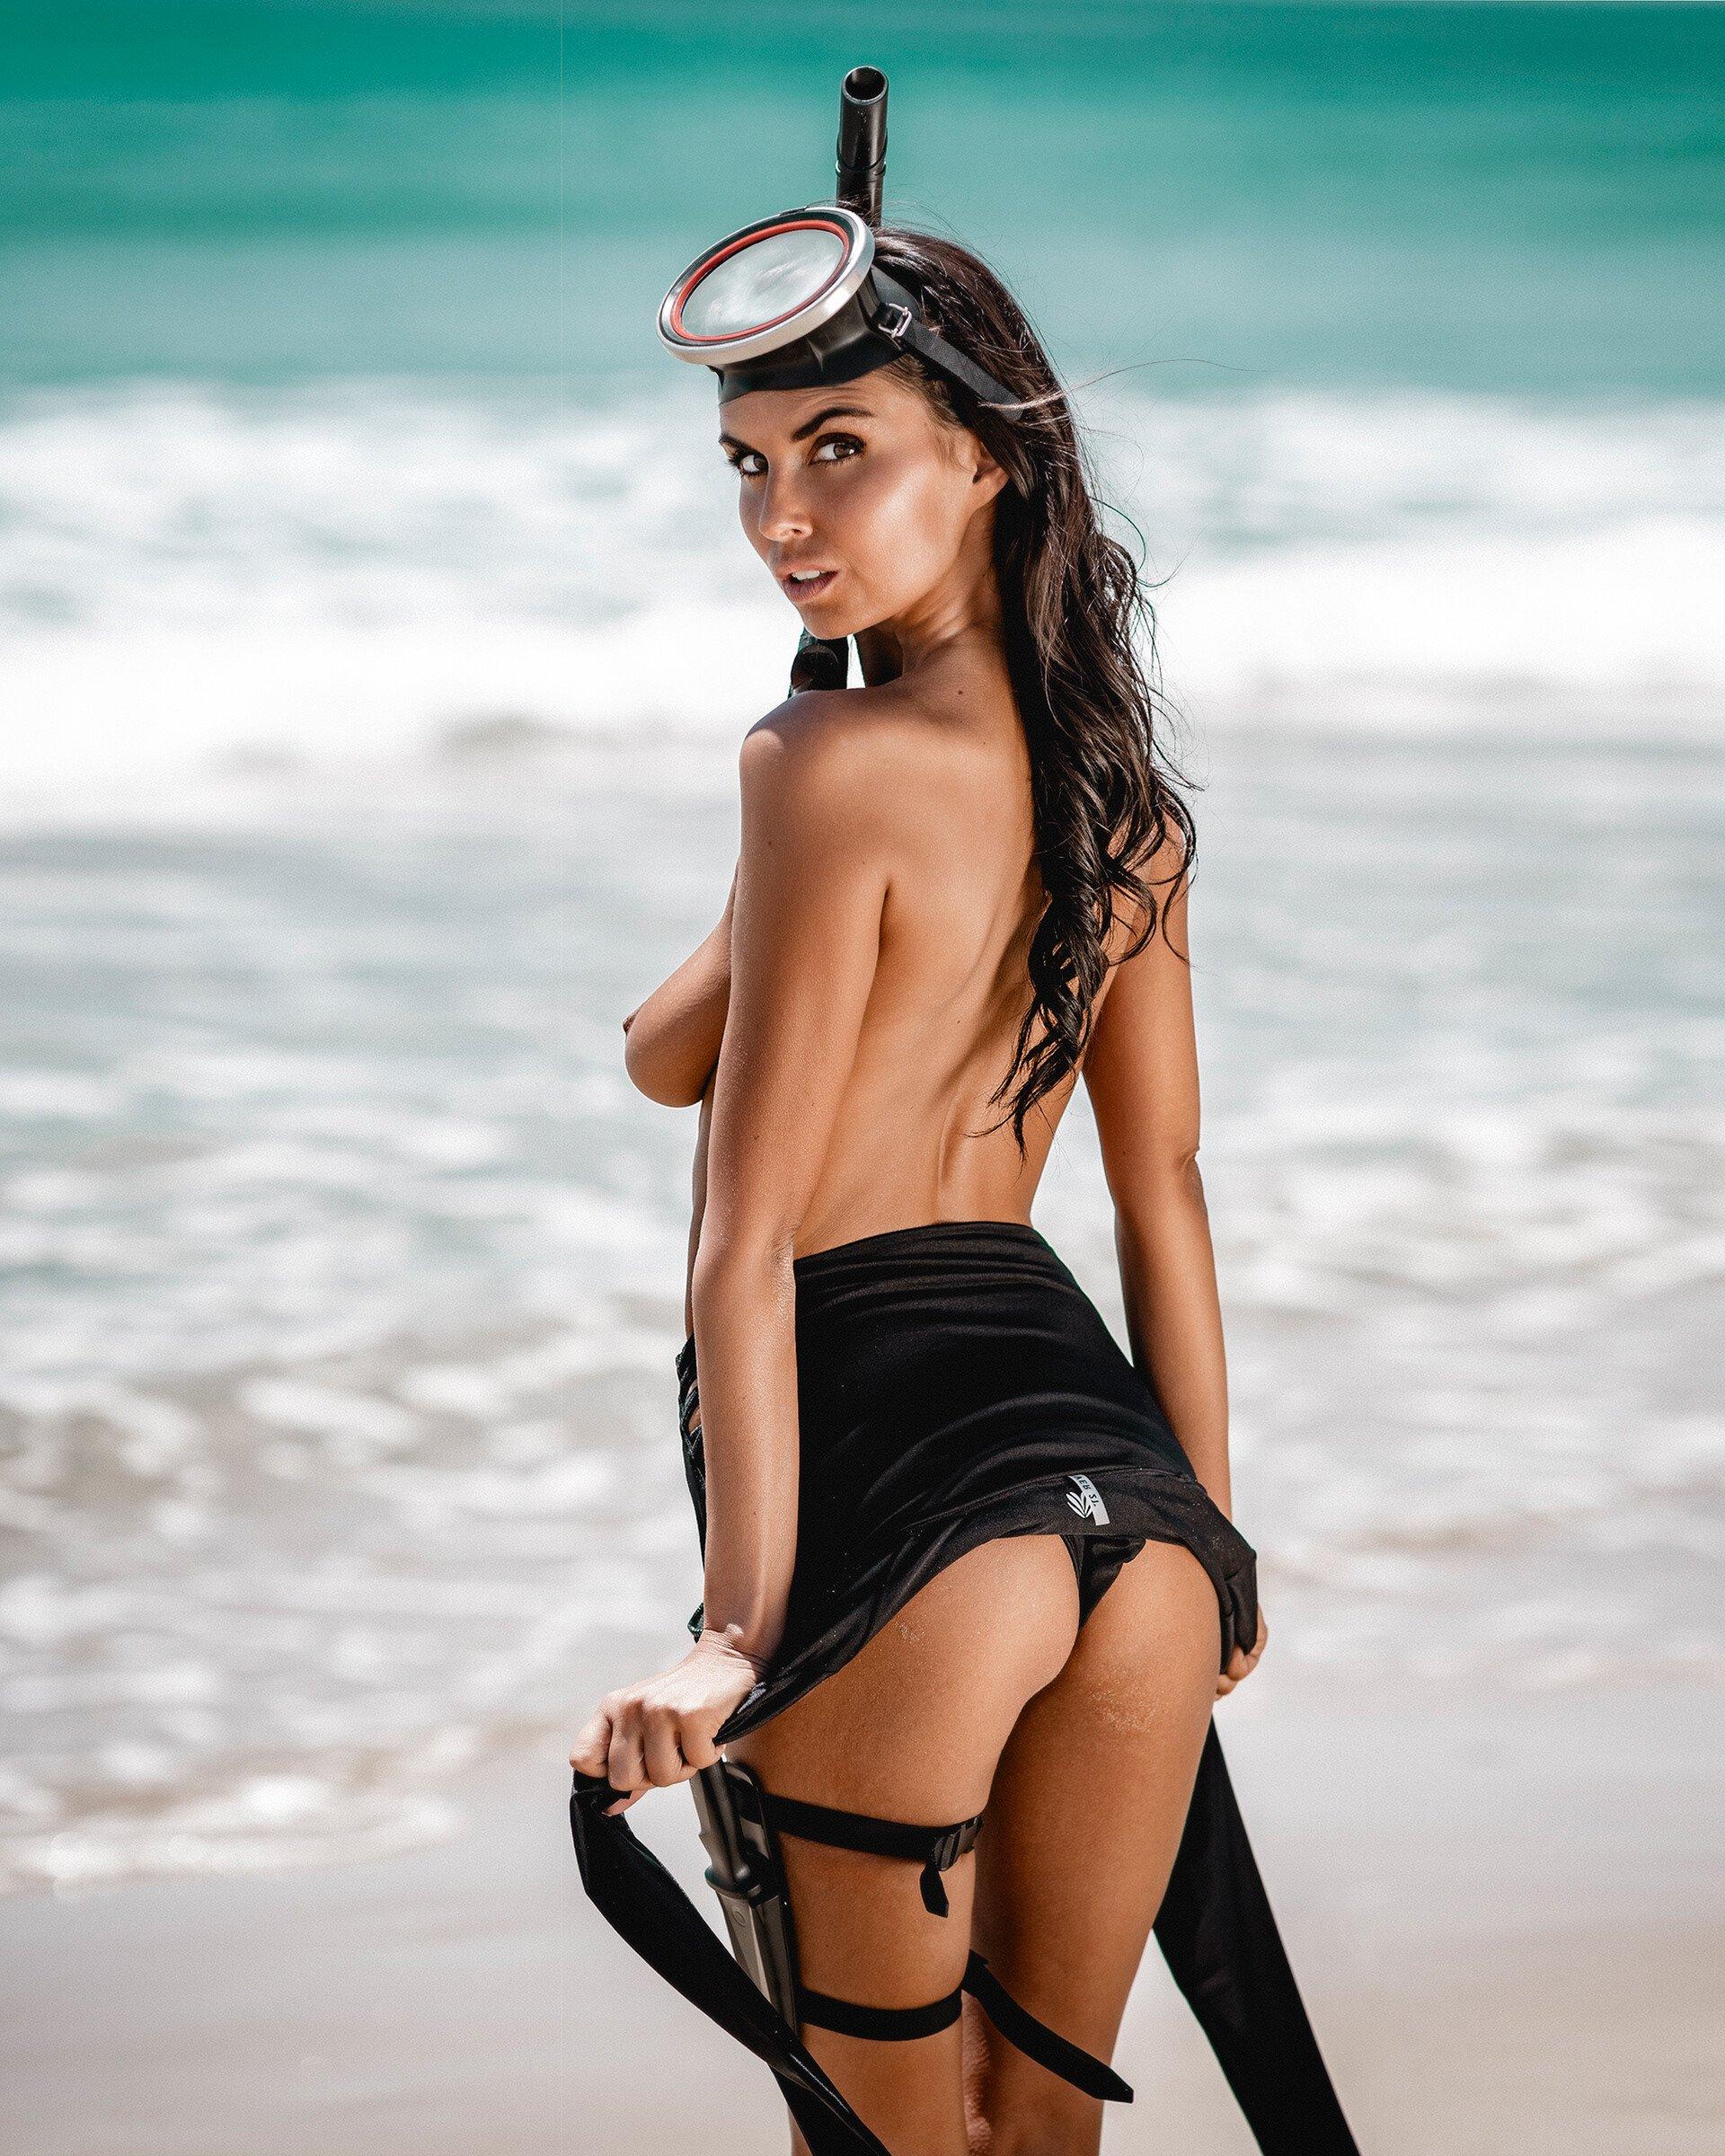 Laura Giraudi - Danyel Weideman photoshoot